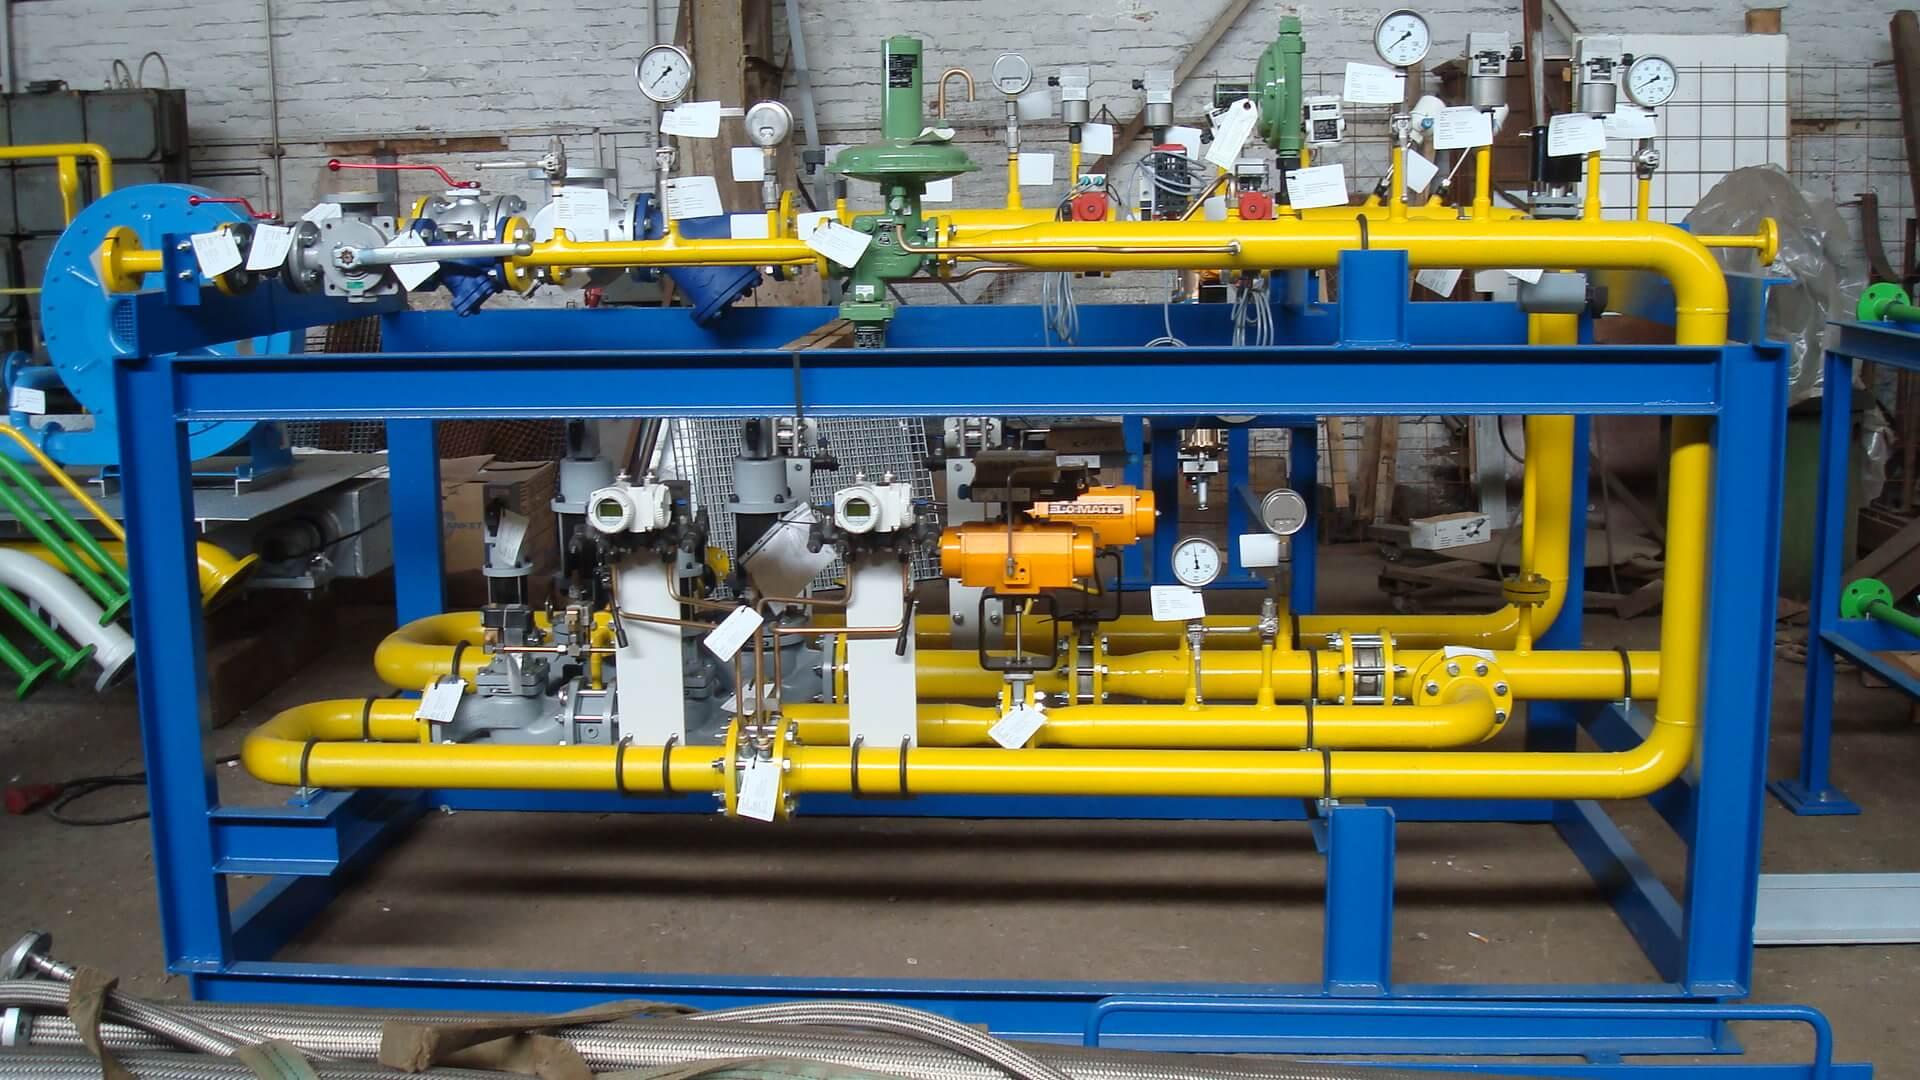 Brennstoffversorgung, Armaturen und Regelstrecken